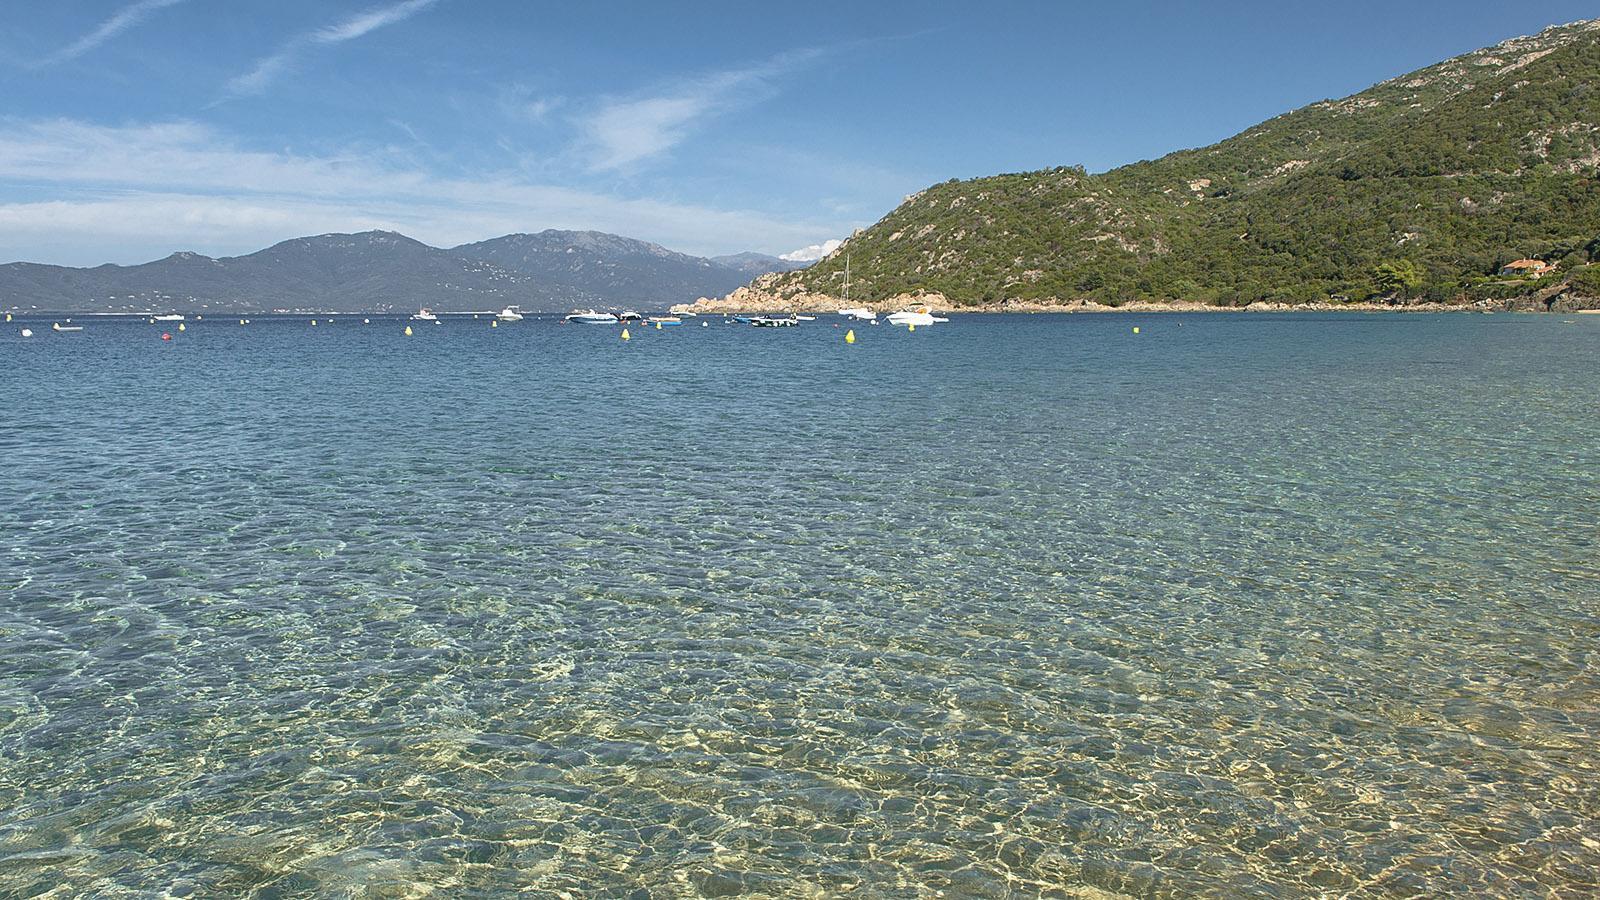 Campomoro: Das Wasser der Badebucht ist glasklar. Foto: Hilke Maunder